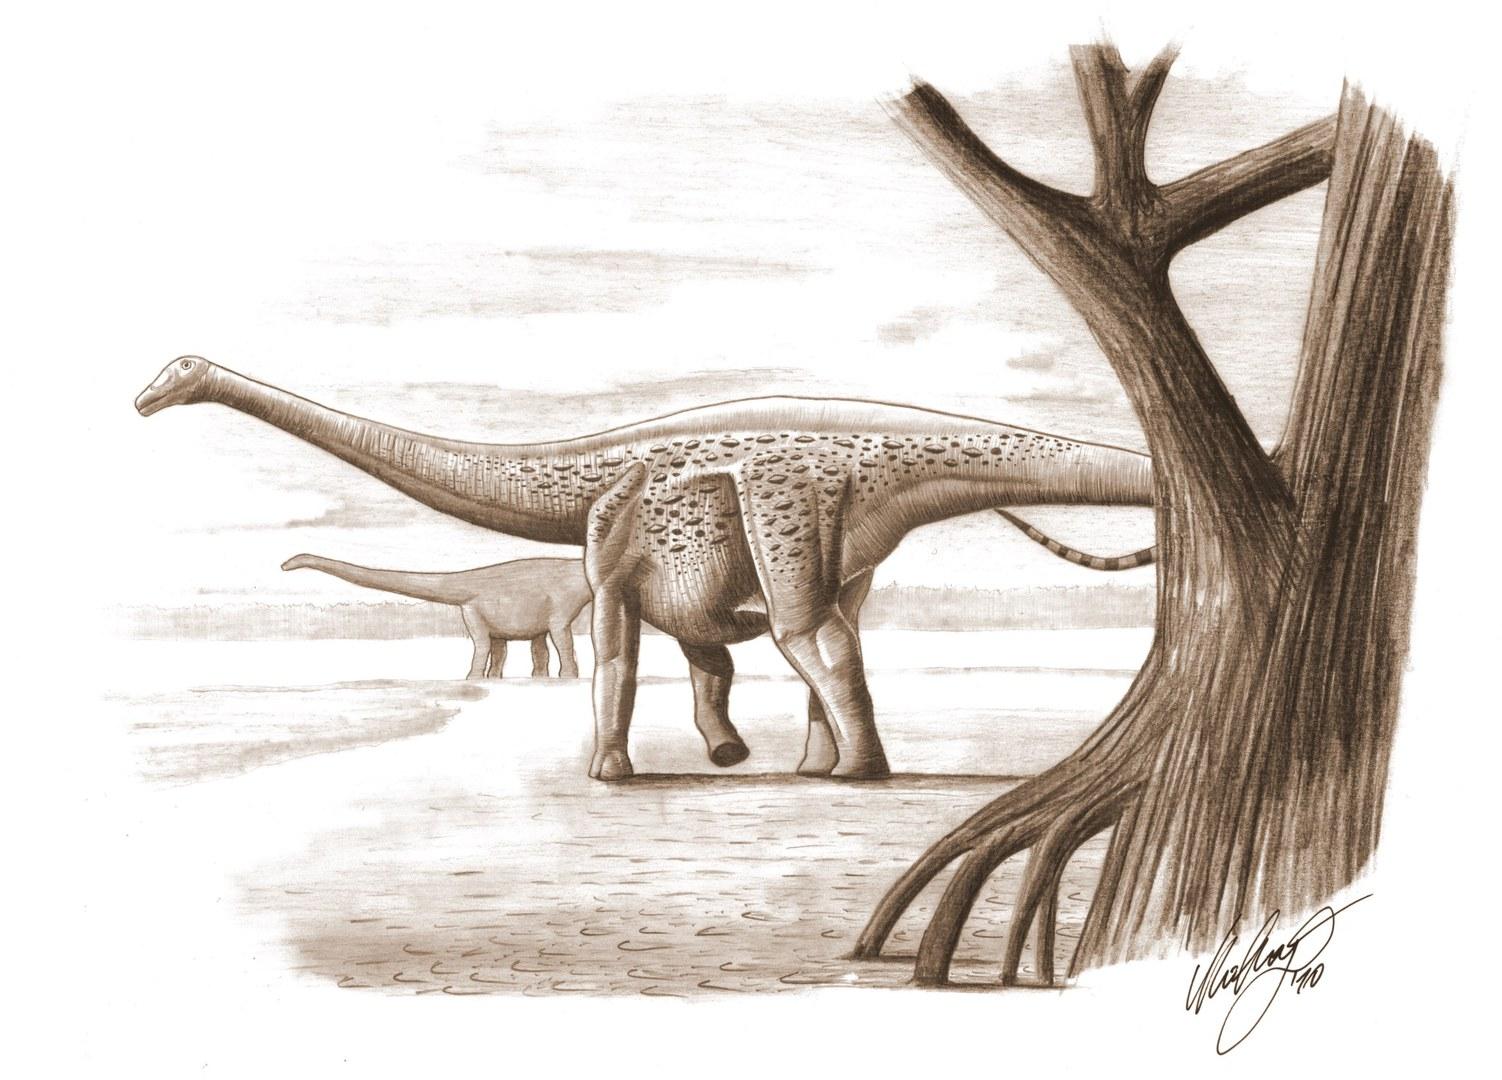 Magyarosaurus.jpg